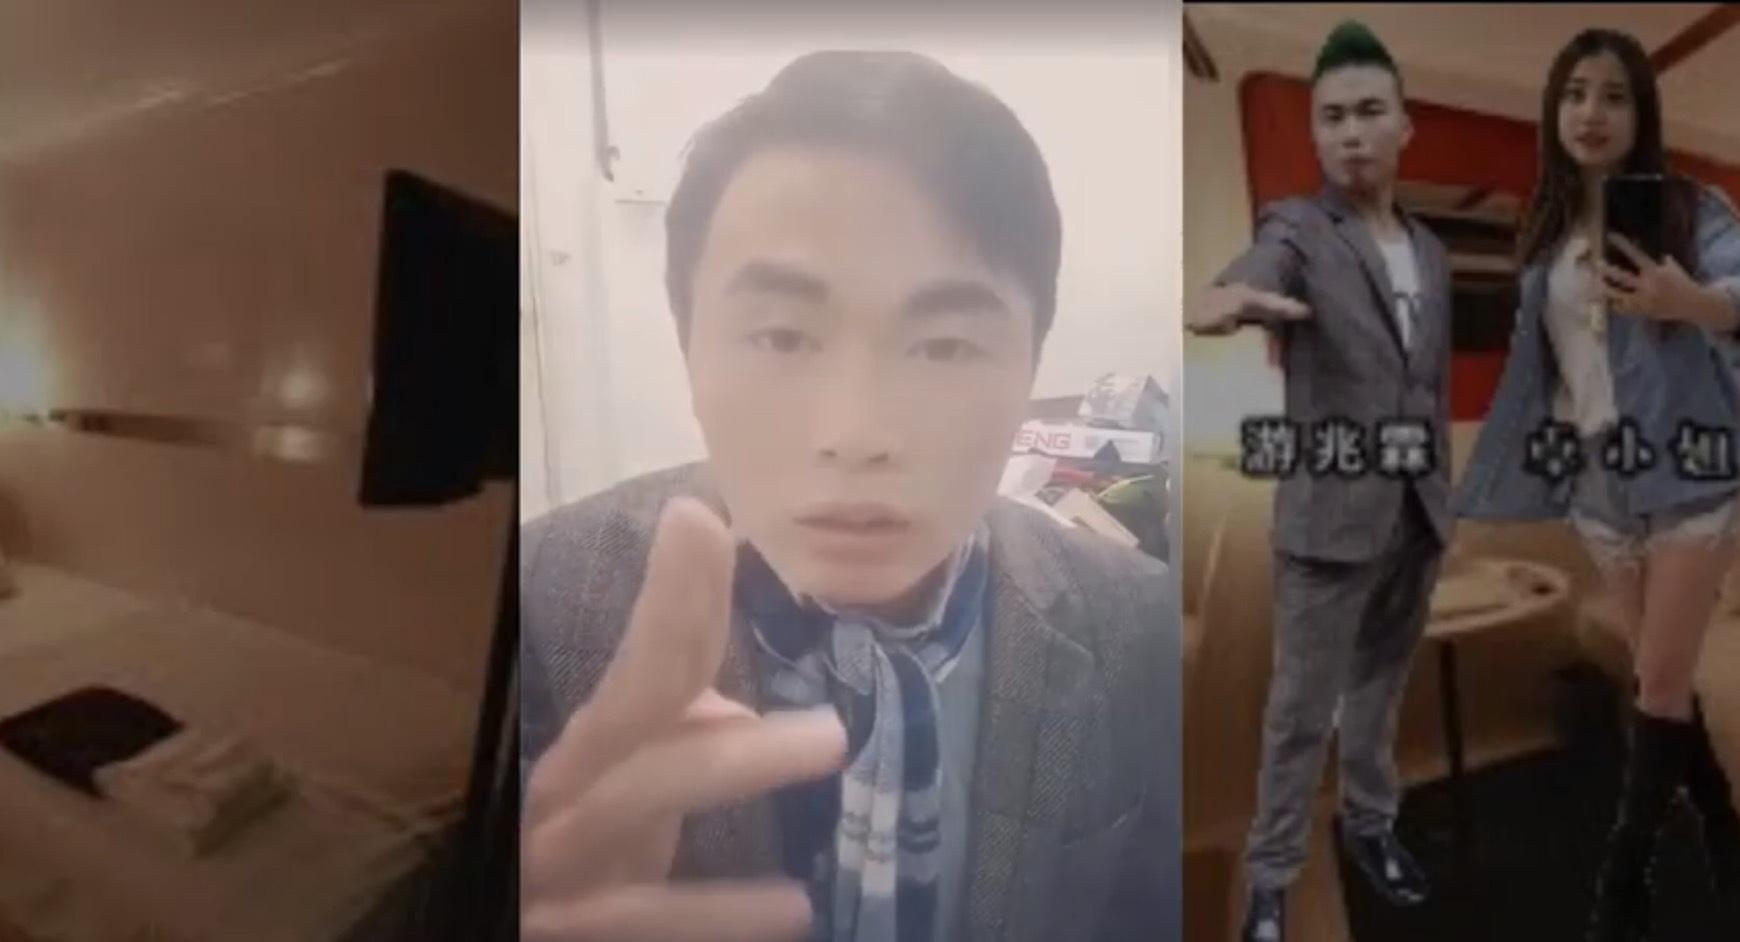 大尺度网红IG怨台中人『超难相处很龟毛』网怒Po爆料公社二馆